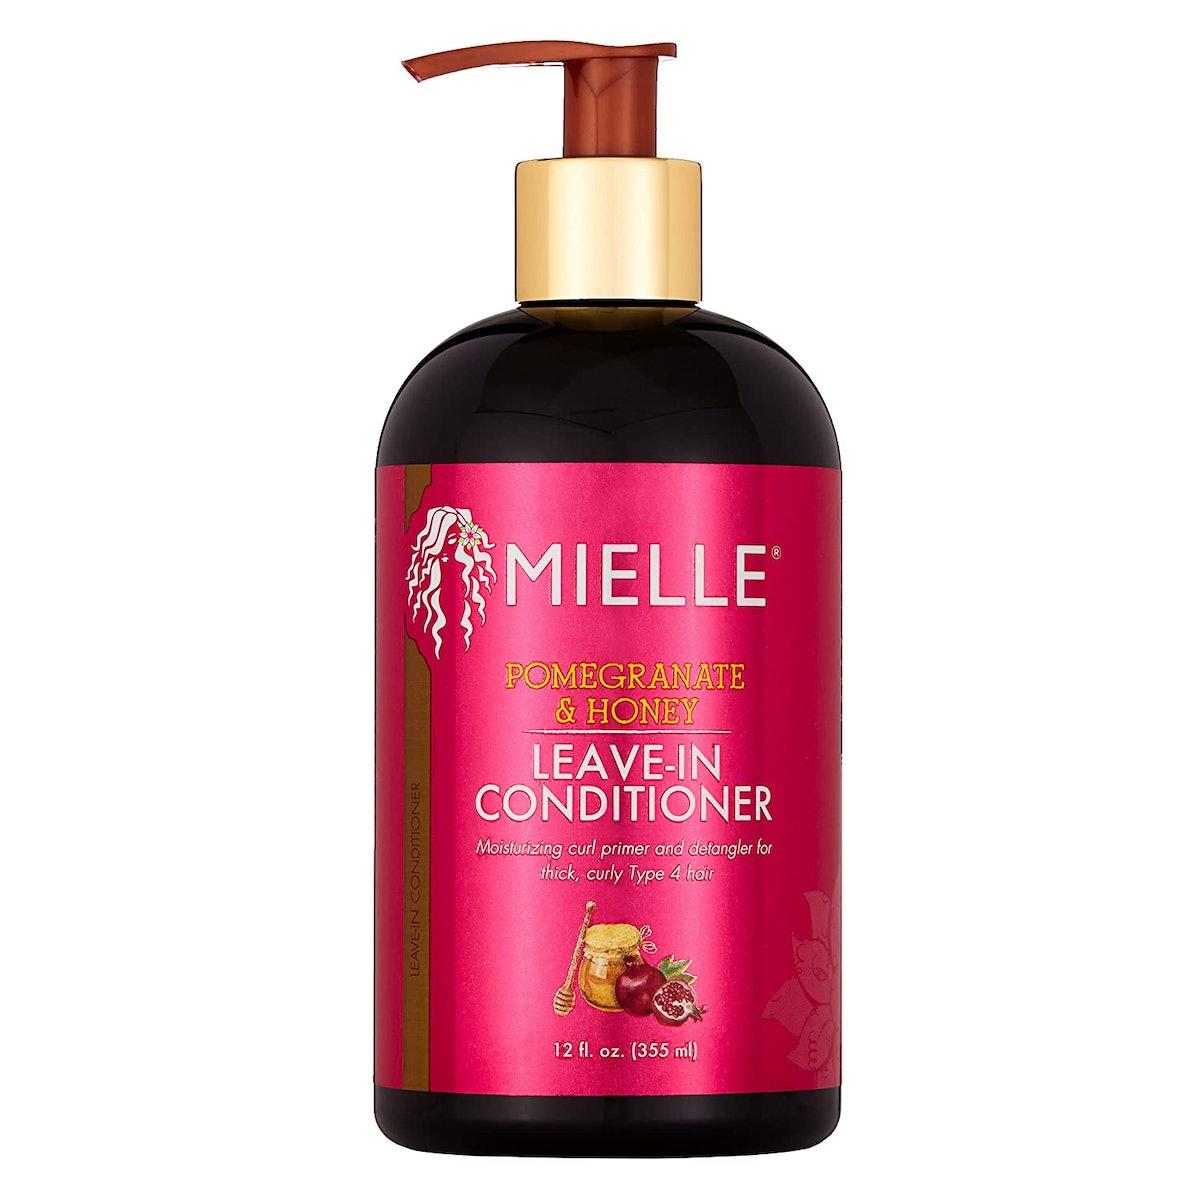 Mielle Organics Pomegranate & Honey Leave-In Conditioner